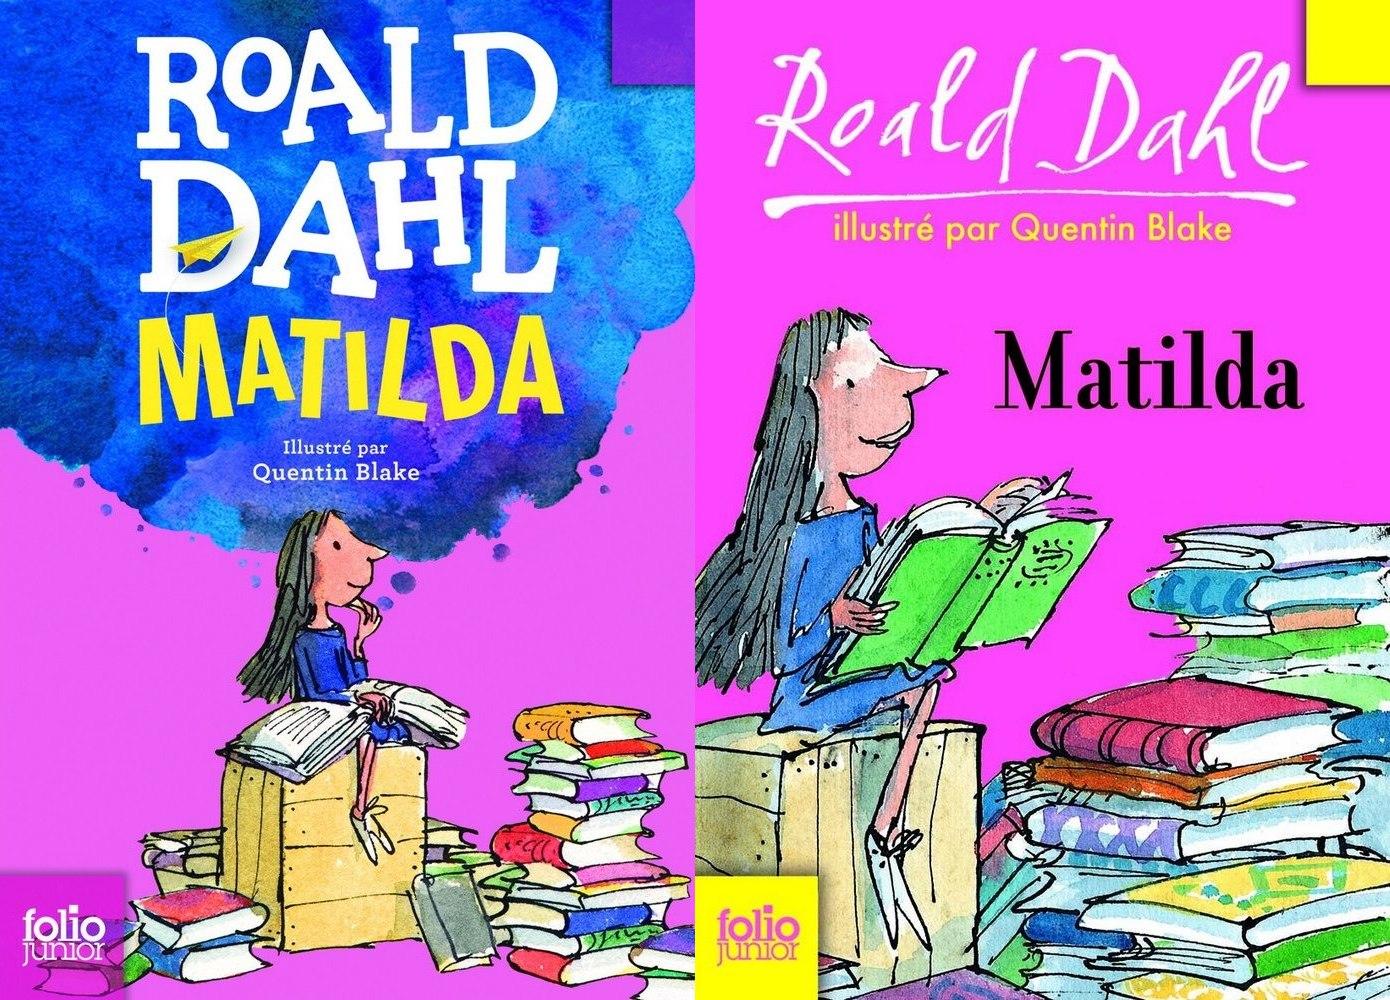 Nouvelles couvertures Roald Dahl matilda